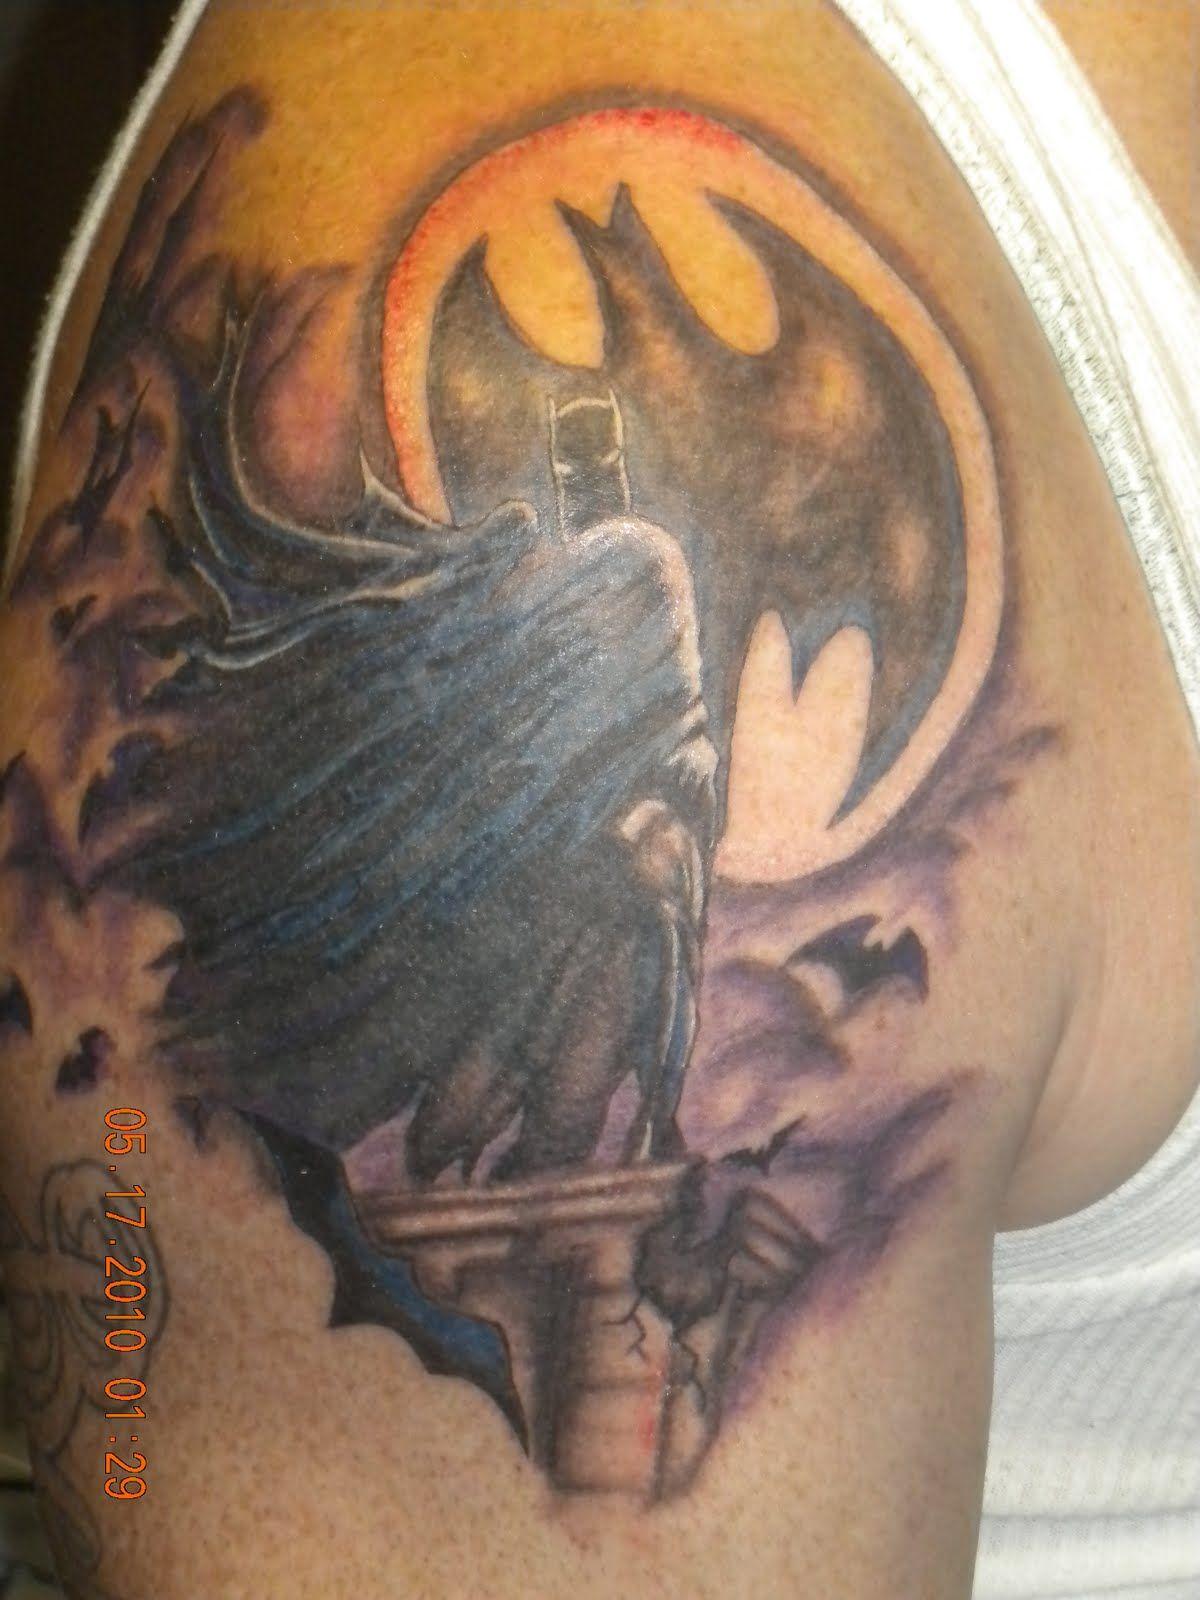 Flaming art tattoo for geek tattoo lovers this kind of batman - Batman Tattoo Sleeve